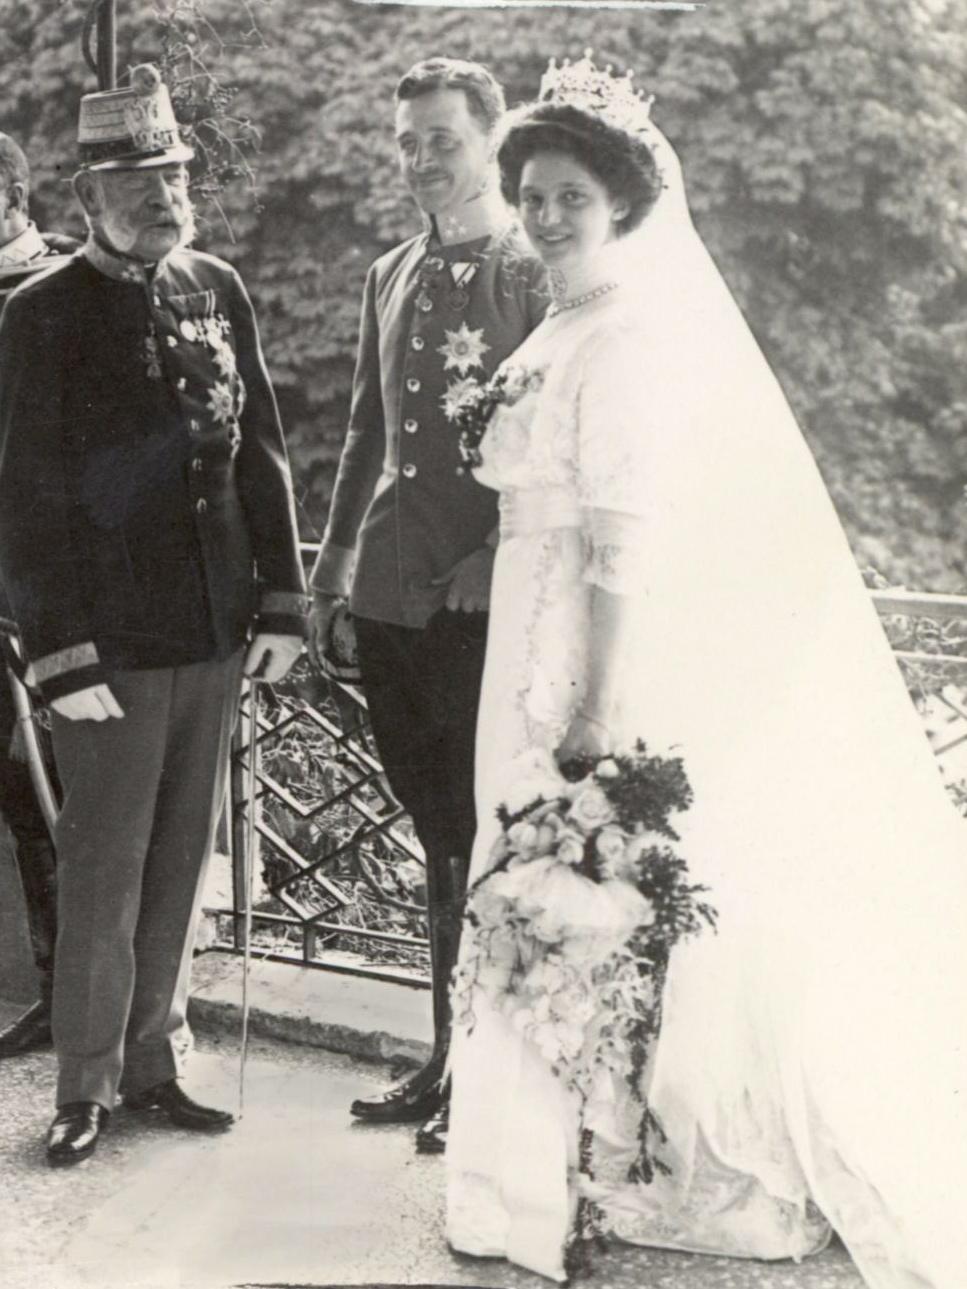 Heiratspolitik der habsburger wikipedia for Hochzeit motto beispiele